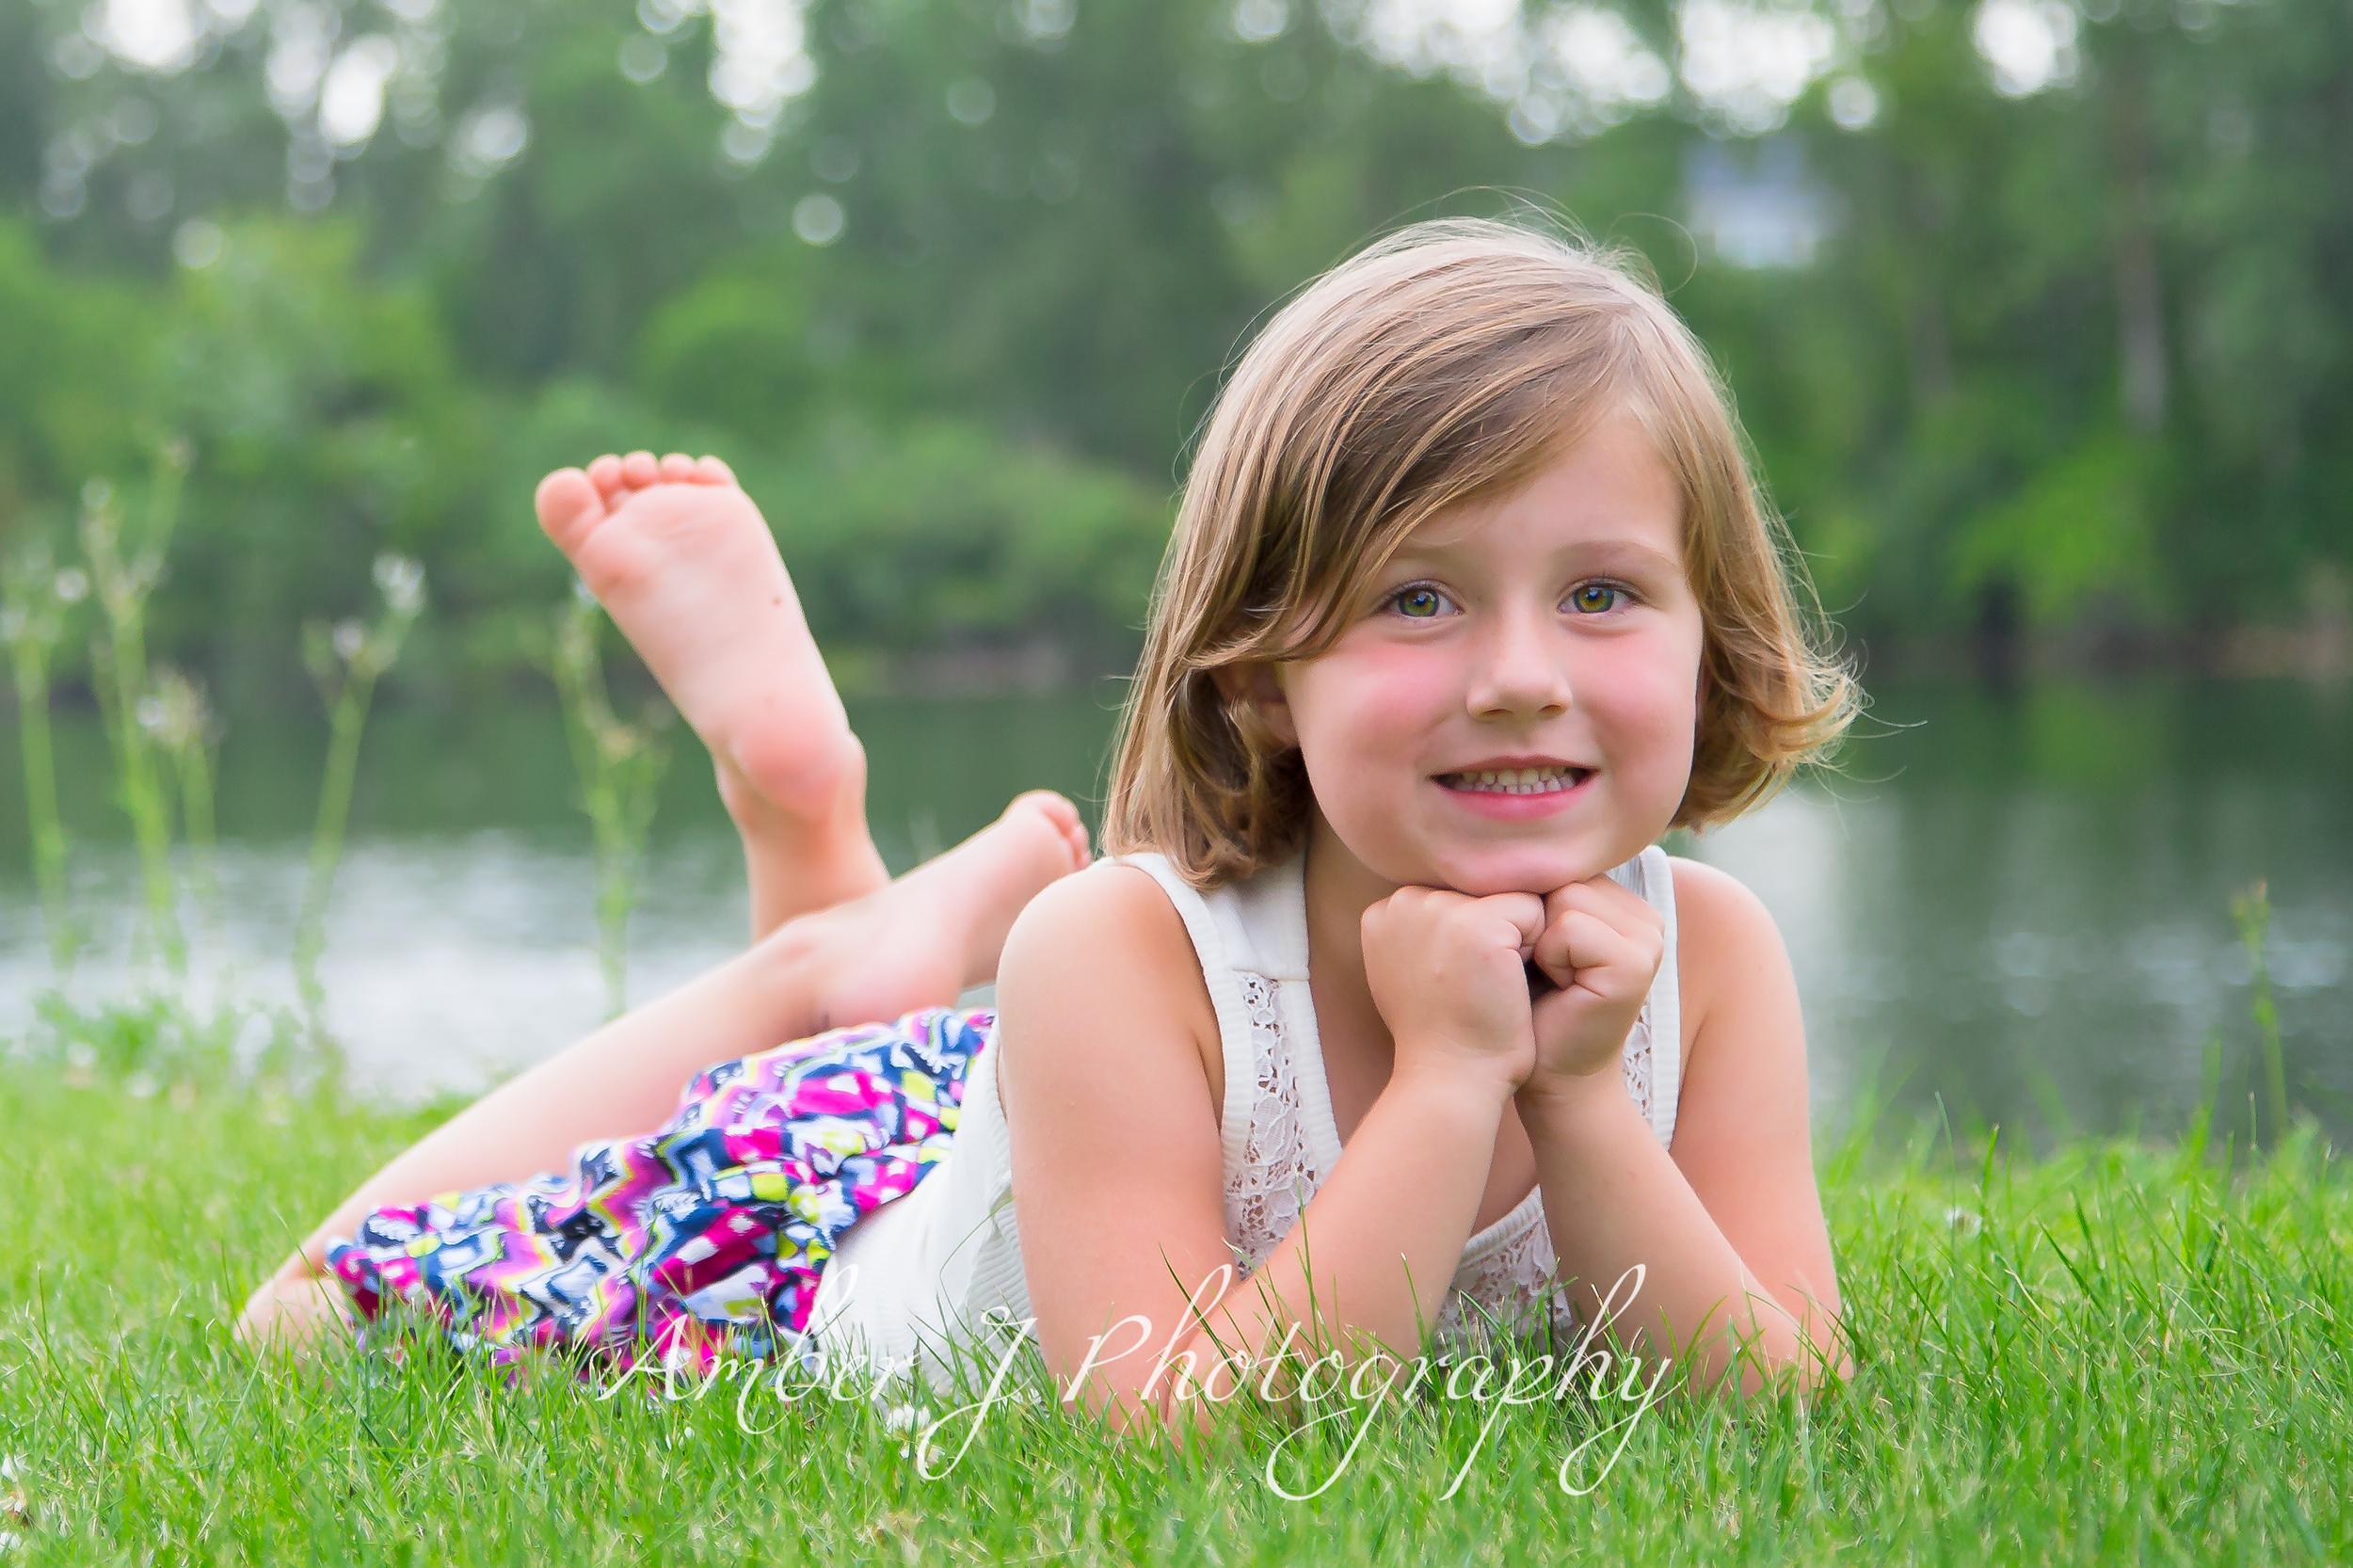 Burrfamily_amberjphotographyblog_01.jpg